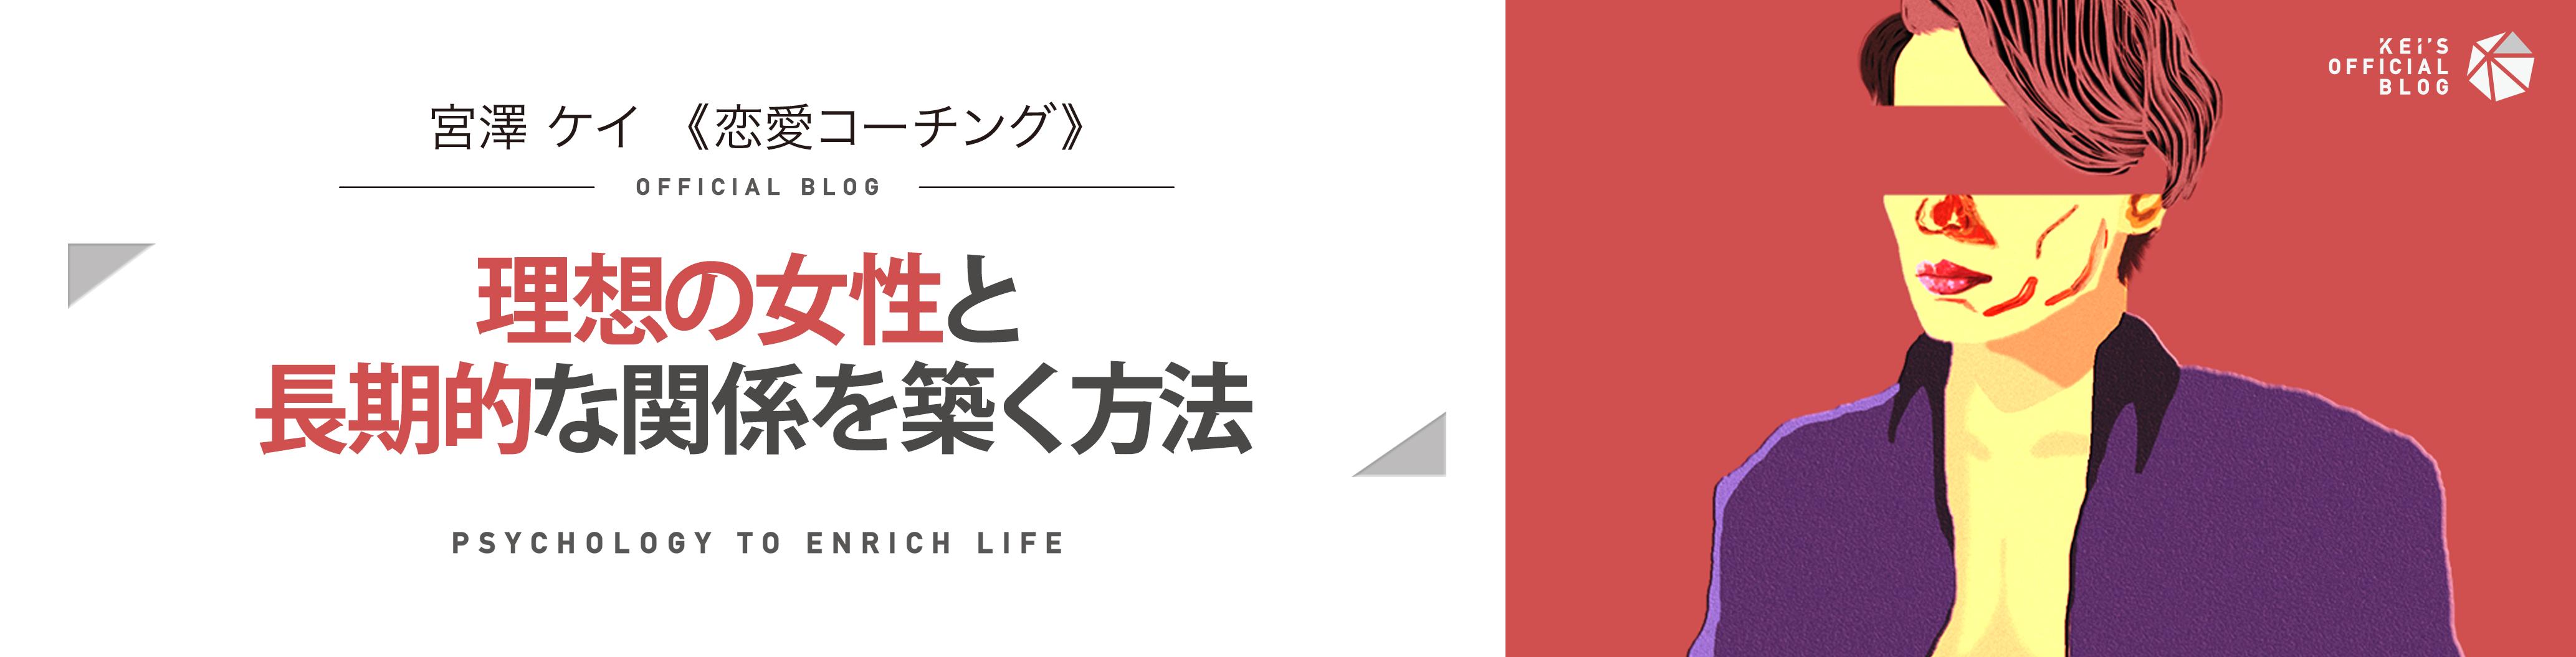 宮澤ケイ【恋愛コーチング】公式ブログ